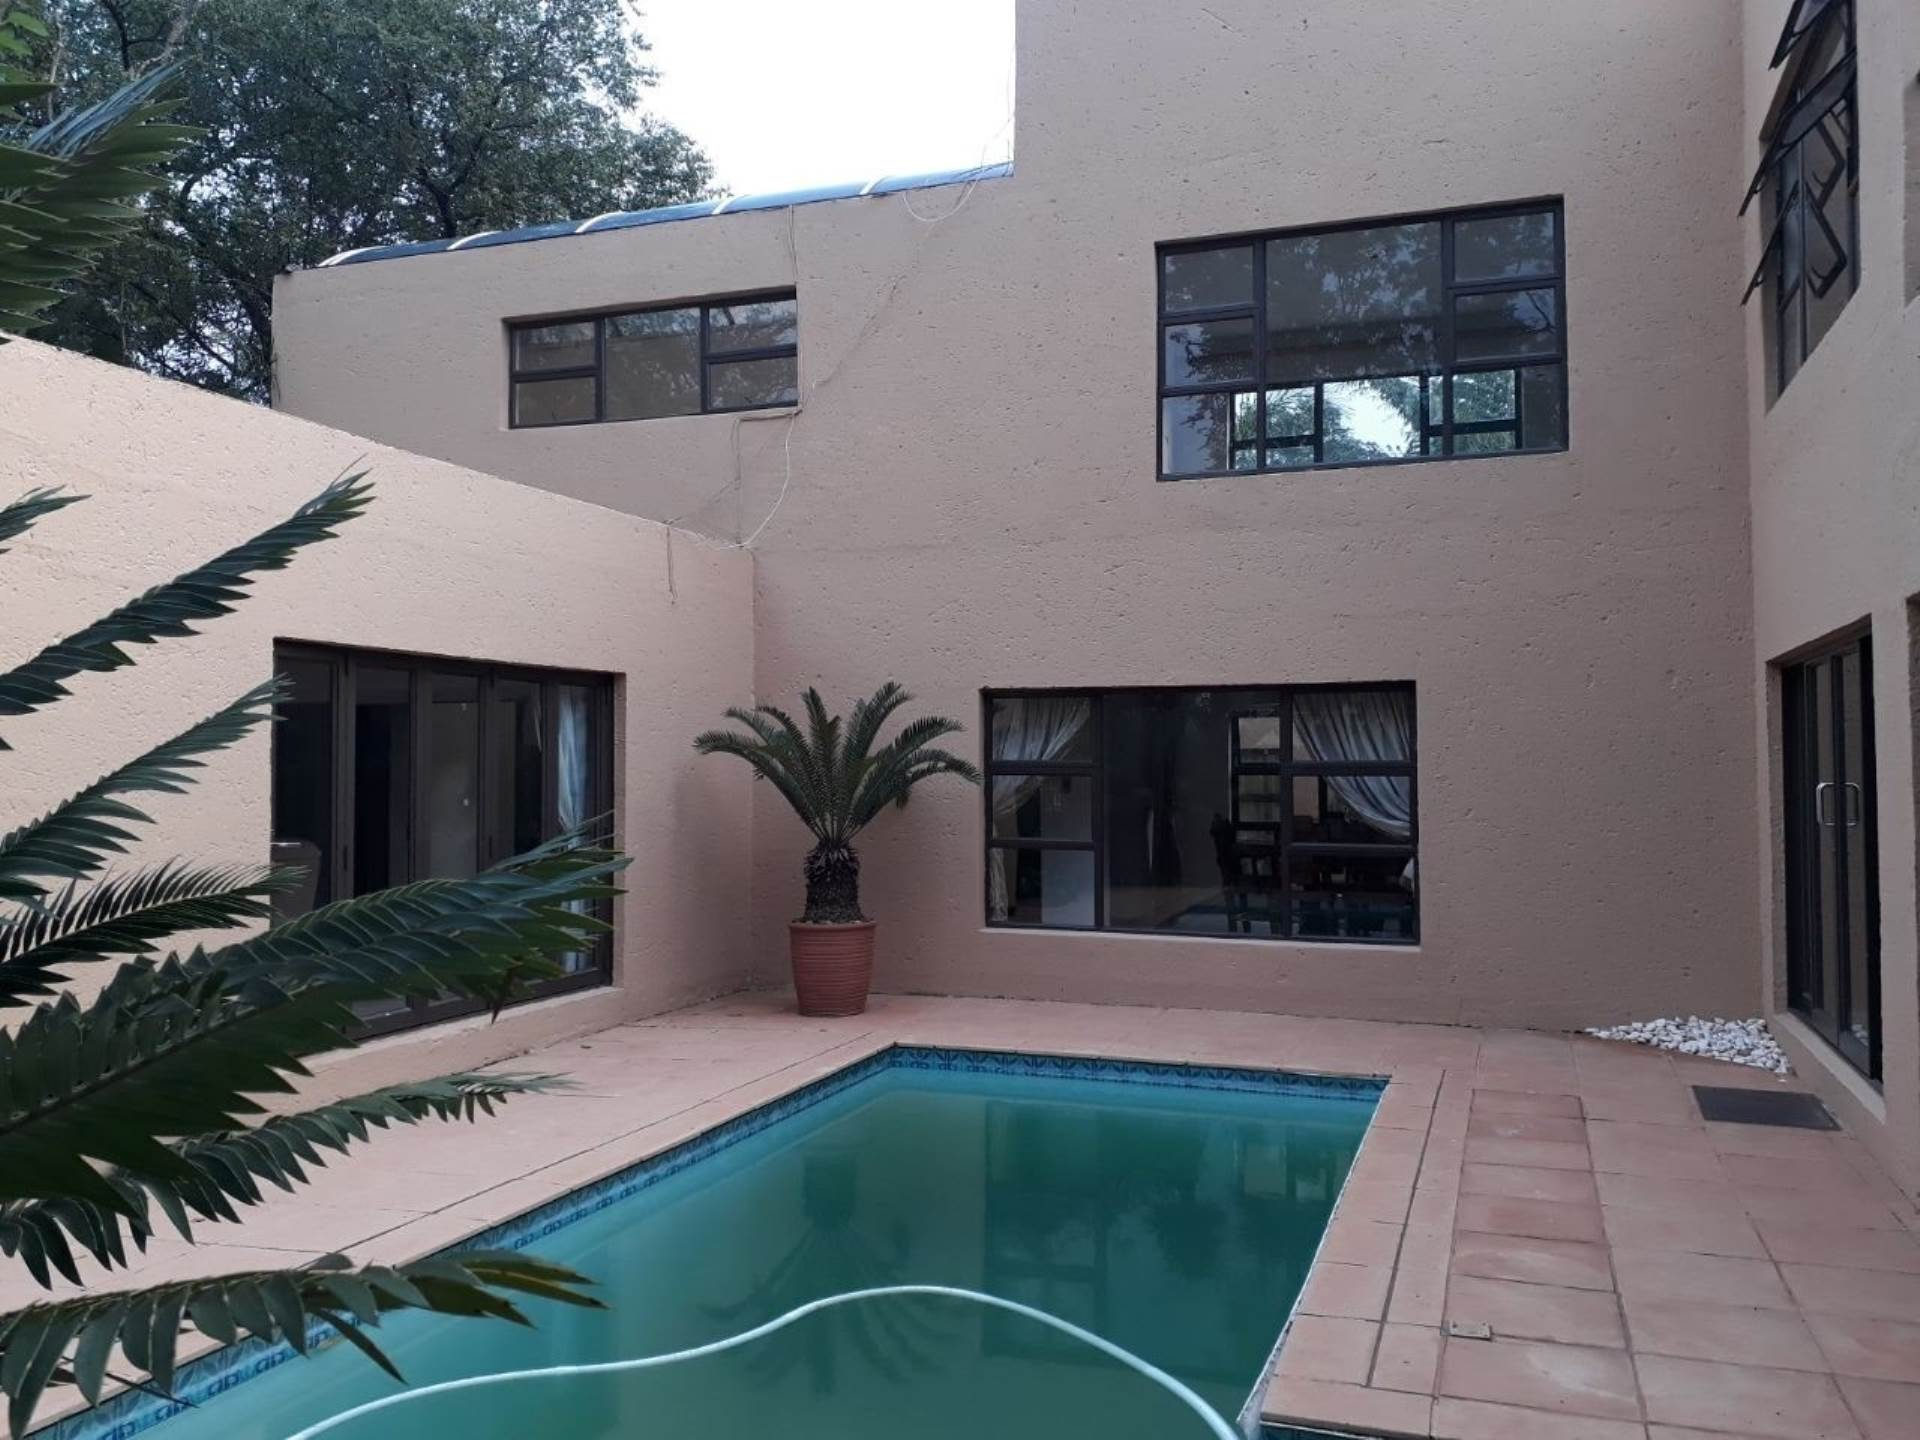 Akasia, Amandasig Property  | Houses For Sale Amandasig, AMANDASIG, House 4 bedrooms property for sale Price:2,500,000